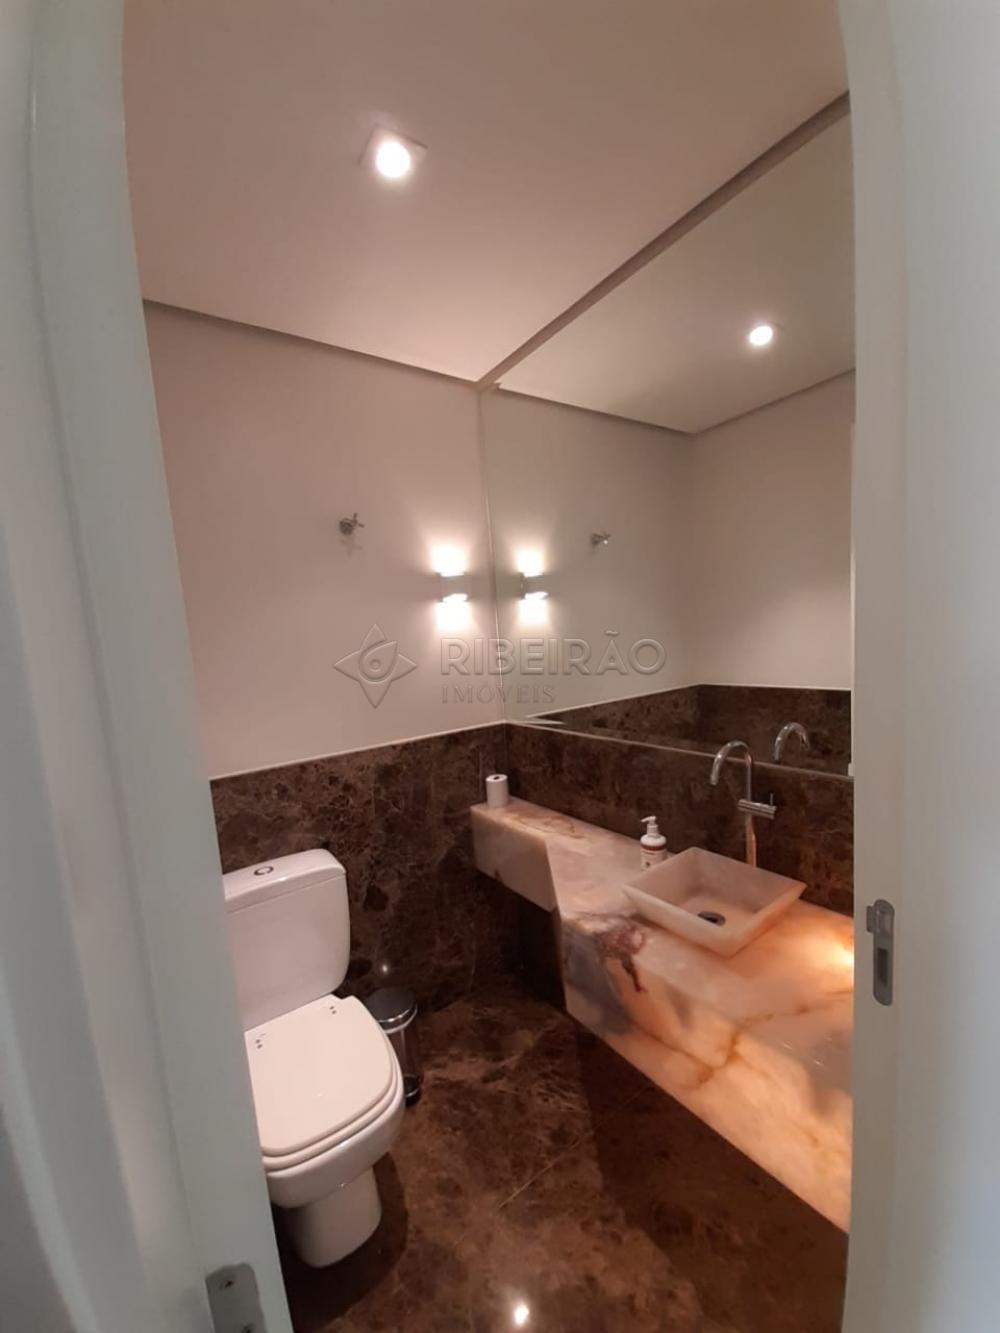 Comprar Apartamento / Padrão em Ribeirão Preto apenas R$ 1.400.000,00 - Foto 12